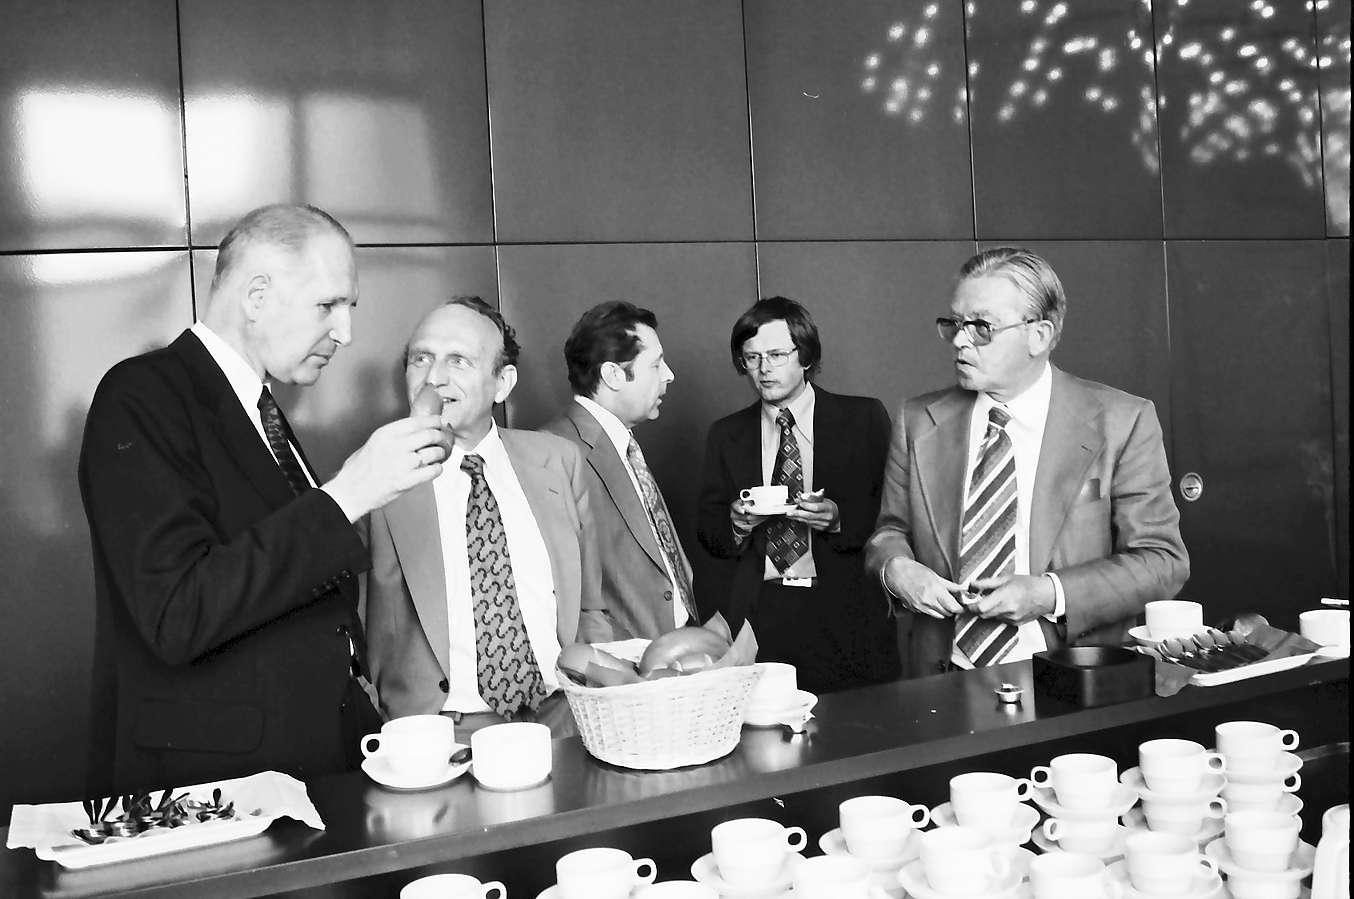 Lörrach: Neues Rathaus; Regio Conférence Tripartite; Teilnehmer der Konferenz an der Kaffeetheke, Bild 1